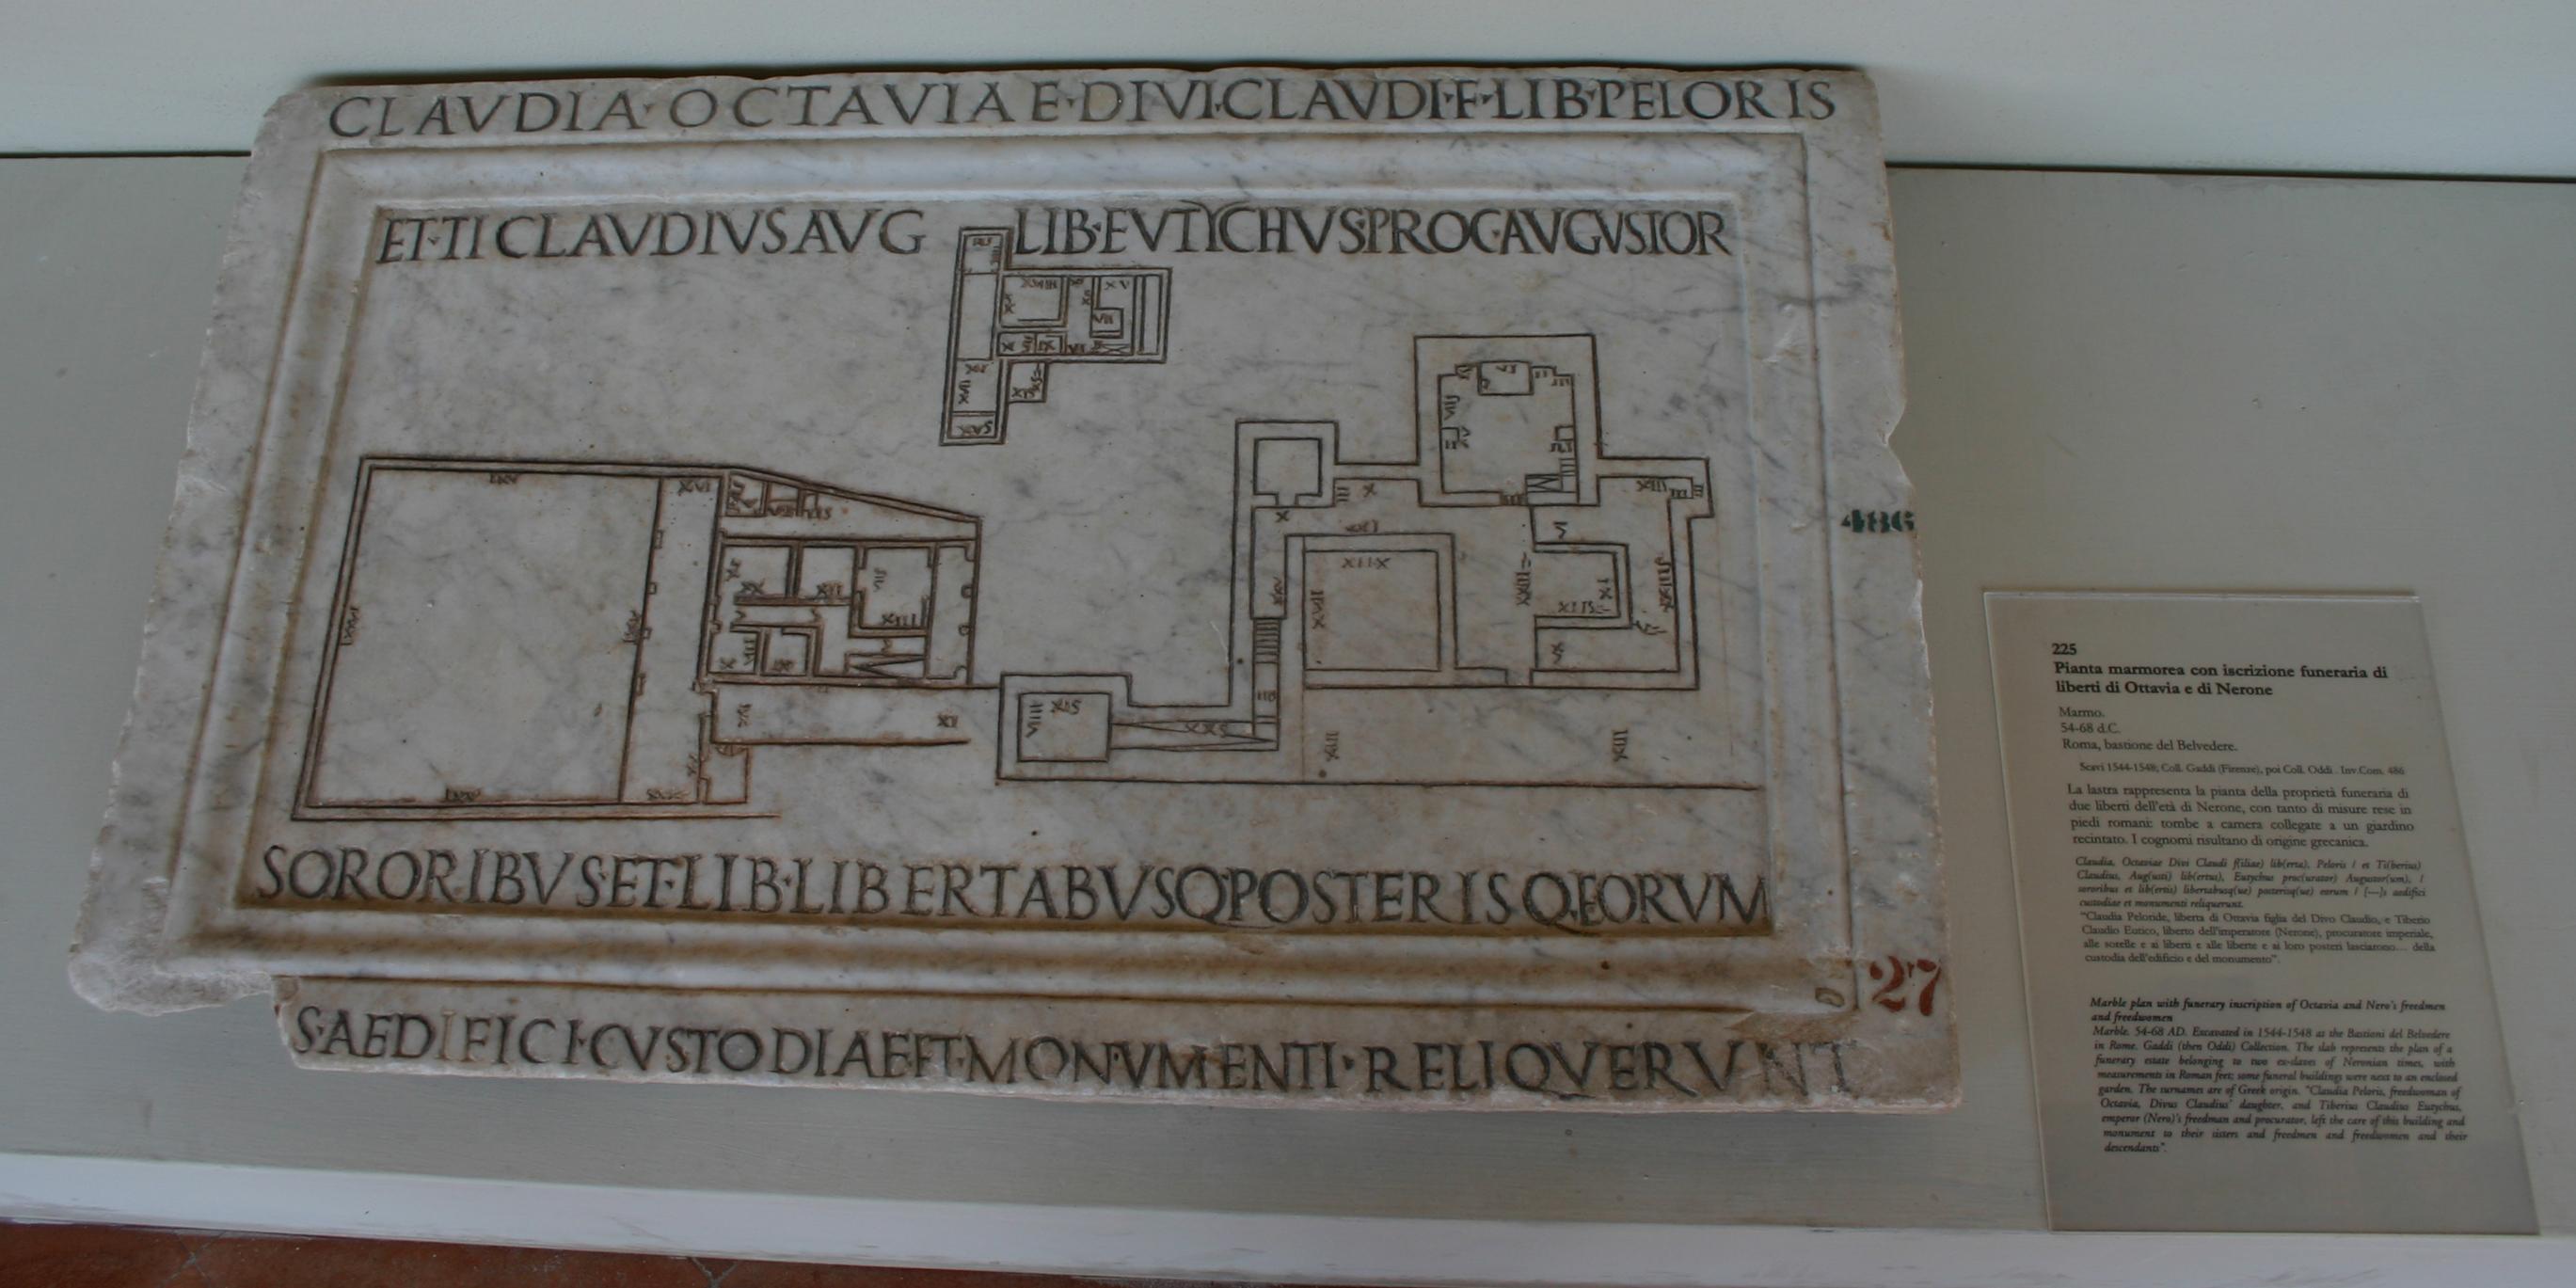 File:IMG 1082 - Perugia - Museo archeologico - Mappa romana - 7 ago 2006